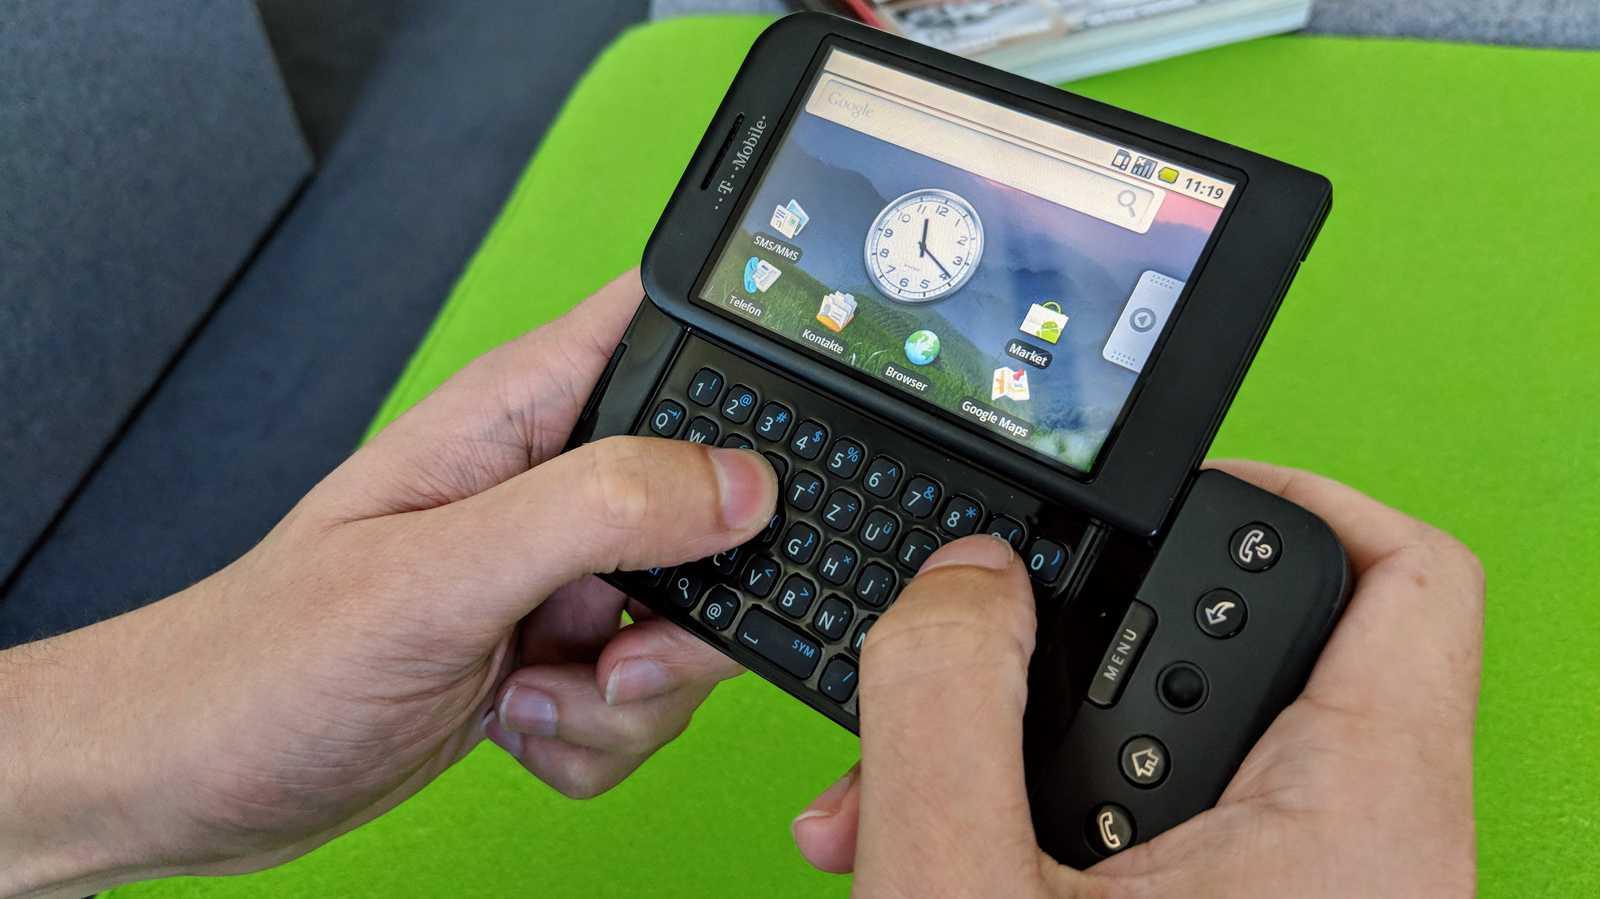 10 Jahre Android-Smartphones: Der Hype, der nicht enden wollte